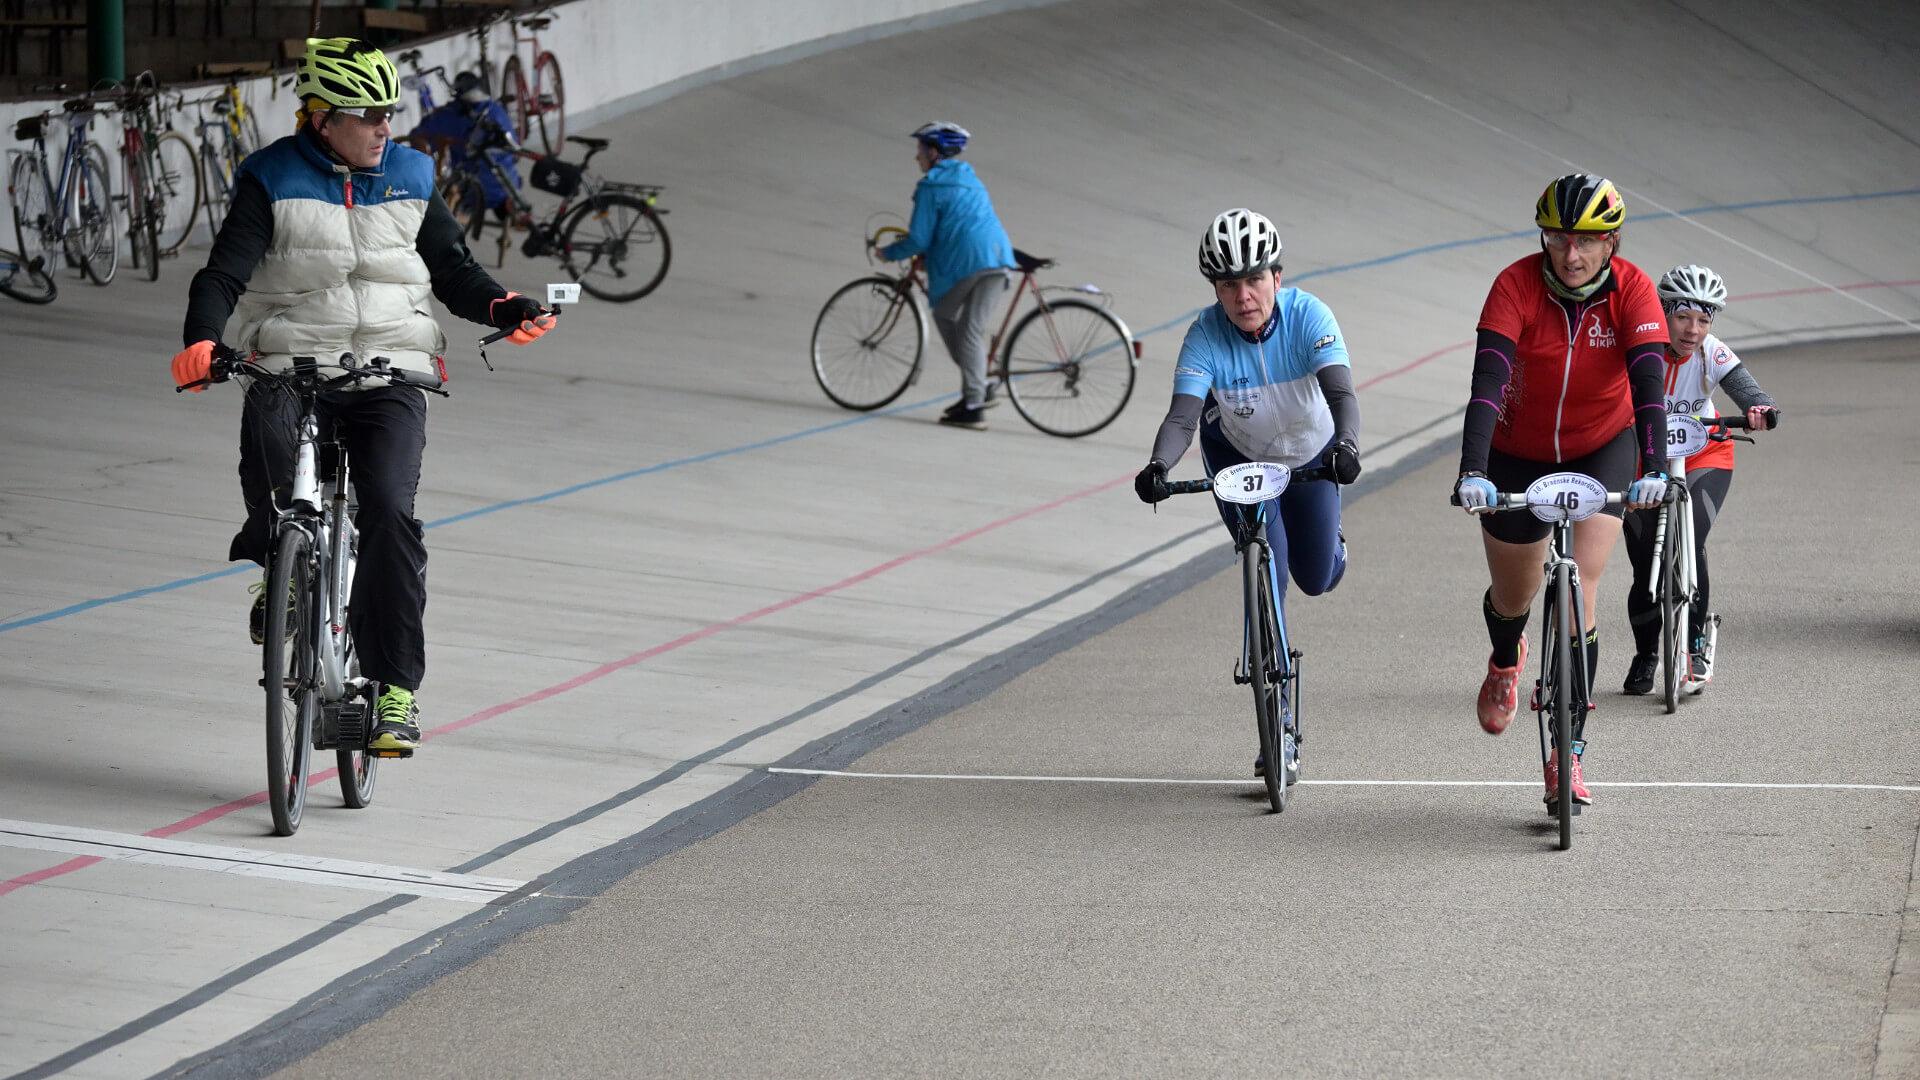 Půlmaraton na koloběžkách čili 55 kol na brněnském velodromu | Nikon Z 50 + Nikkor Z DX 50–250mm f/4,5–6,3 VR